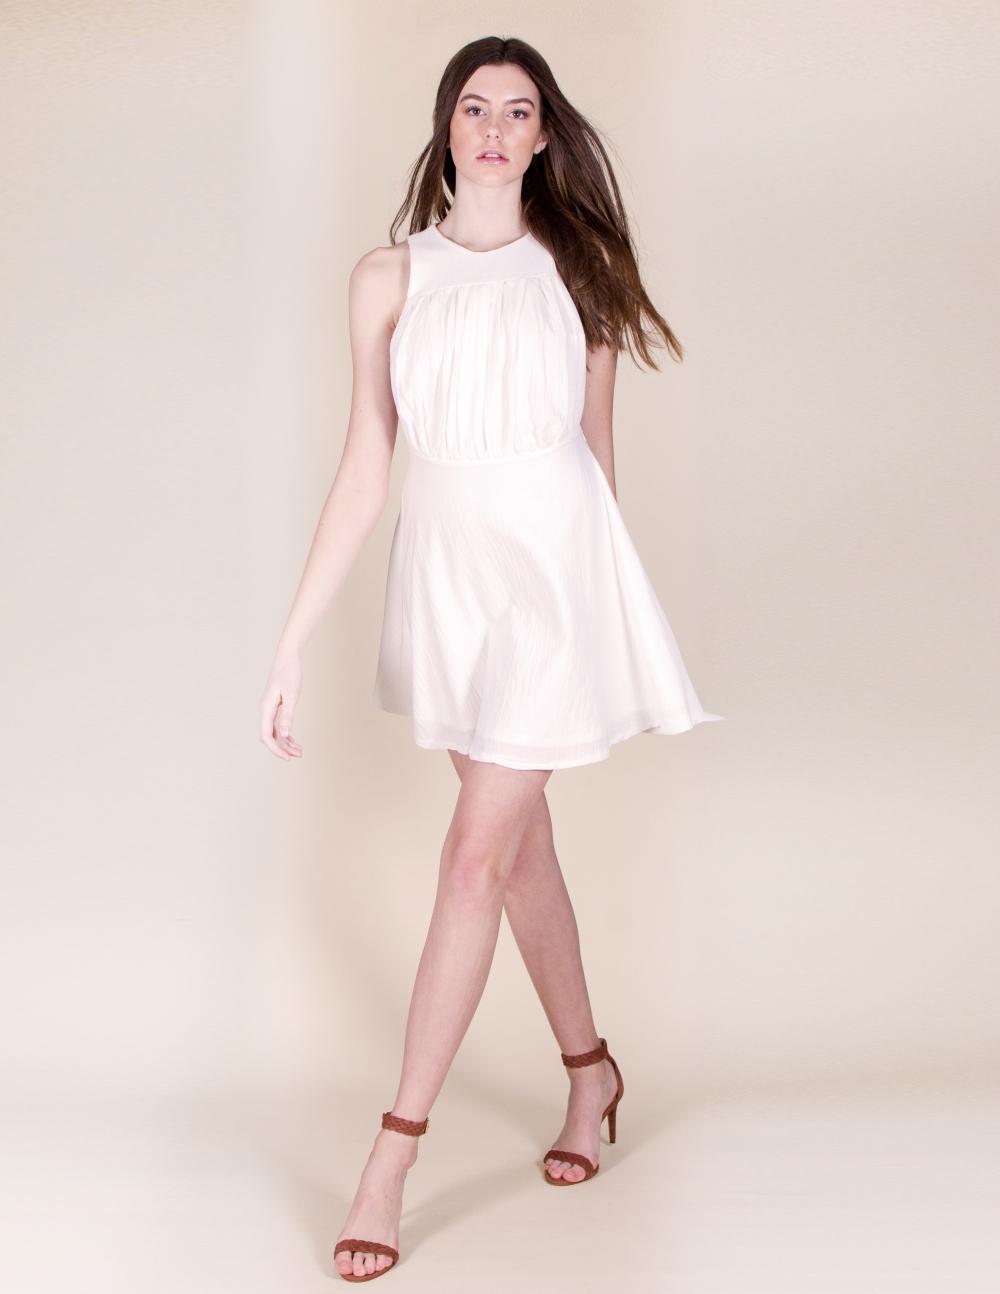 Alyssa Nicole The Claire Dress 2